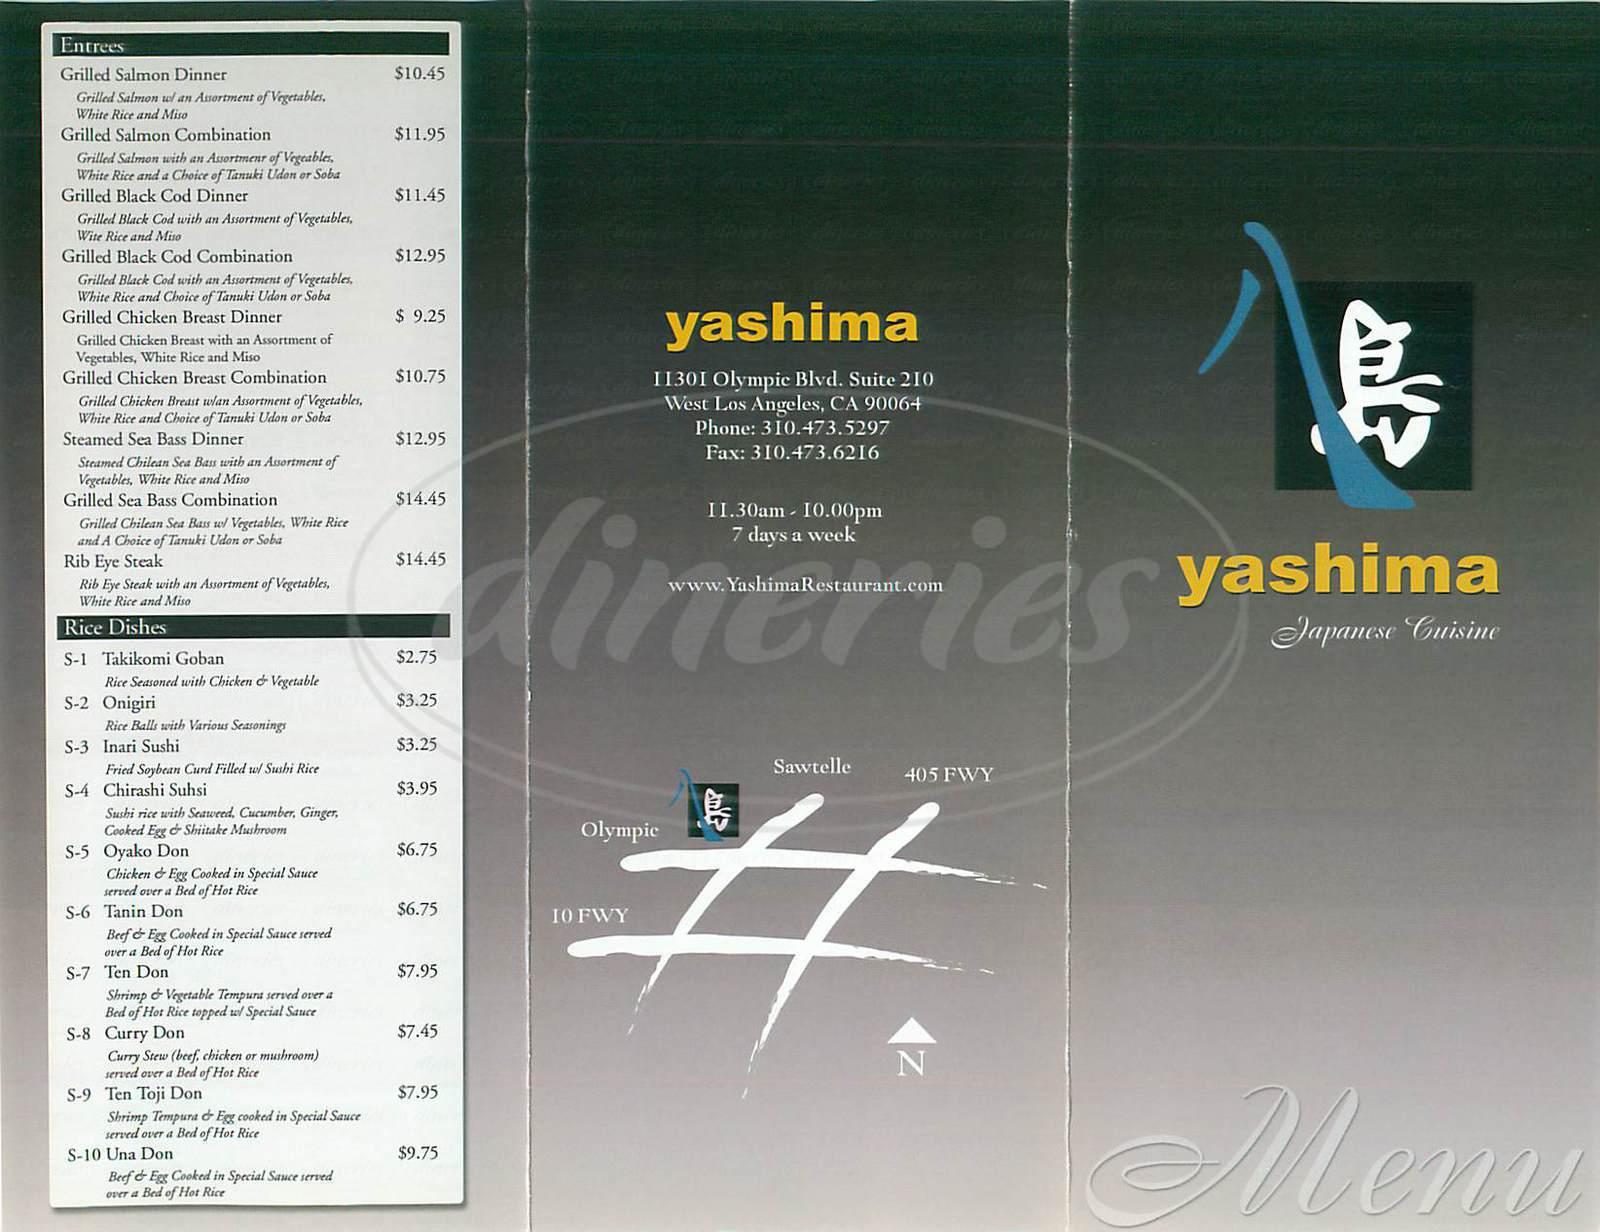 menu for Yashima